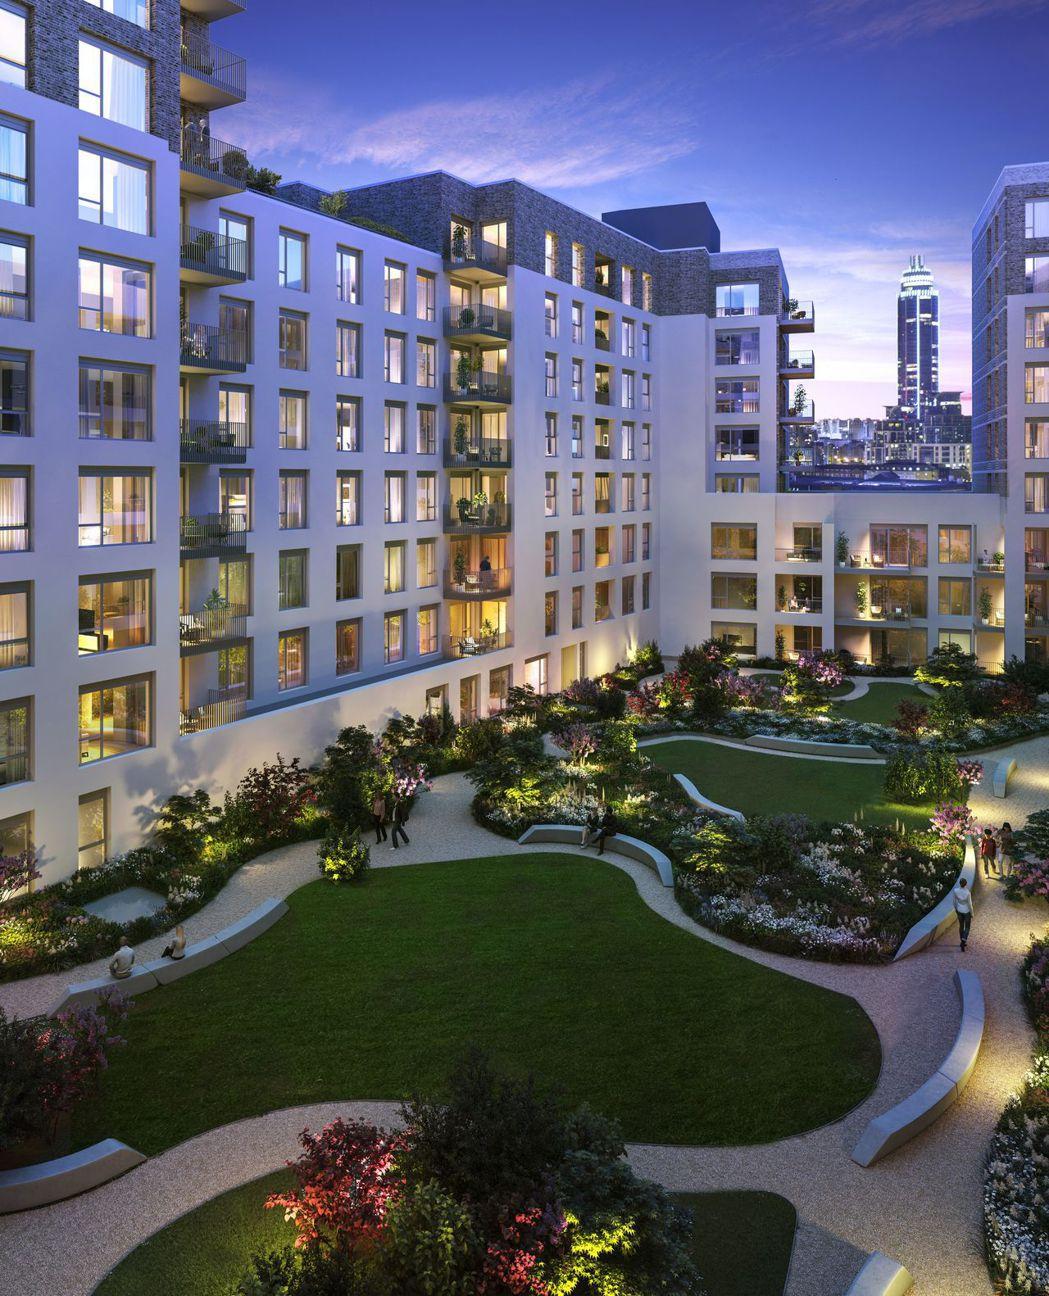 Oval Village南方圓景為倫敦市中心稀有大基地莊園社區 瑞普萊坊/提供